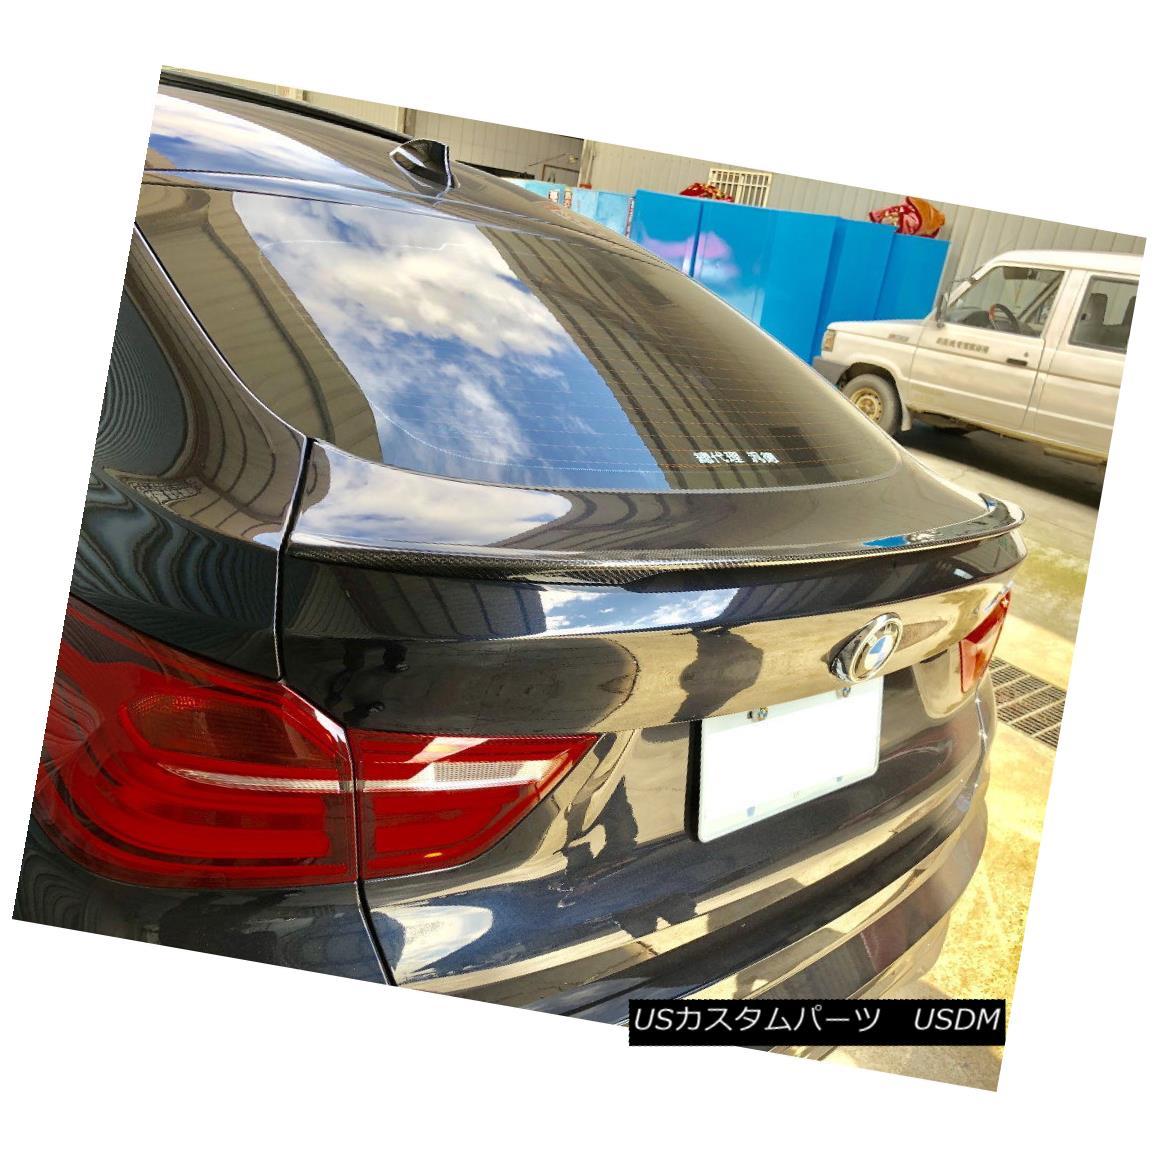 エアロパーツ Carbon Fiber P Style Rear Trunk Spoiler Wing For 14~18 BMW X-Series F26 X4 SUV 14?18台のBMW XシリーズF26 X4 SUV用カーボンファイバーPスタイルリアトランク・スポイラー・ウイング